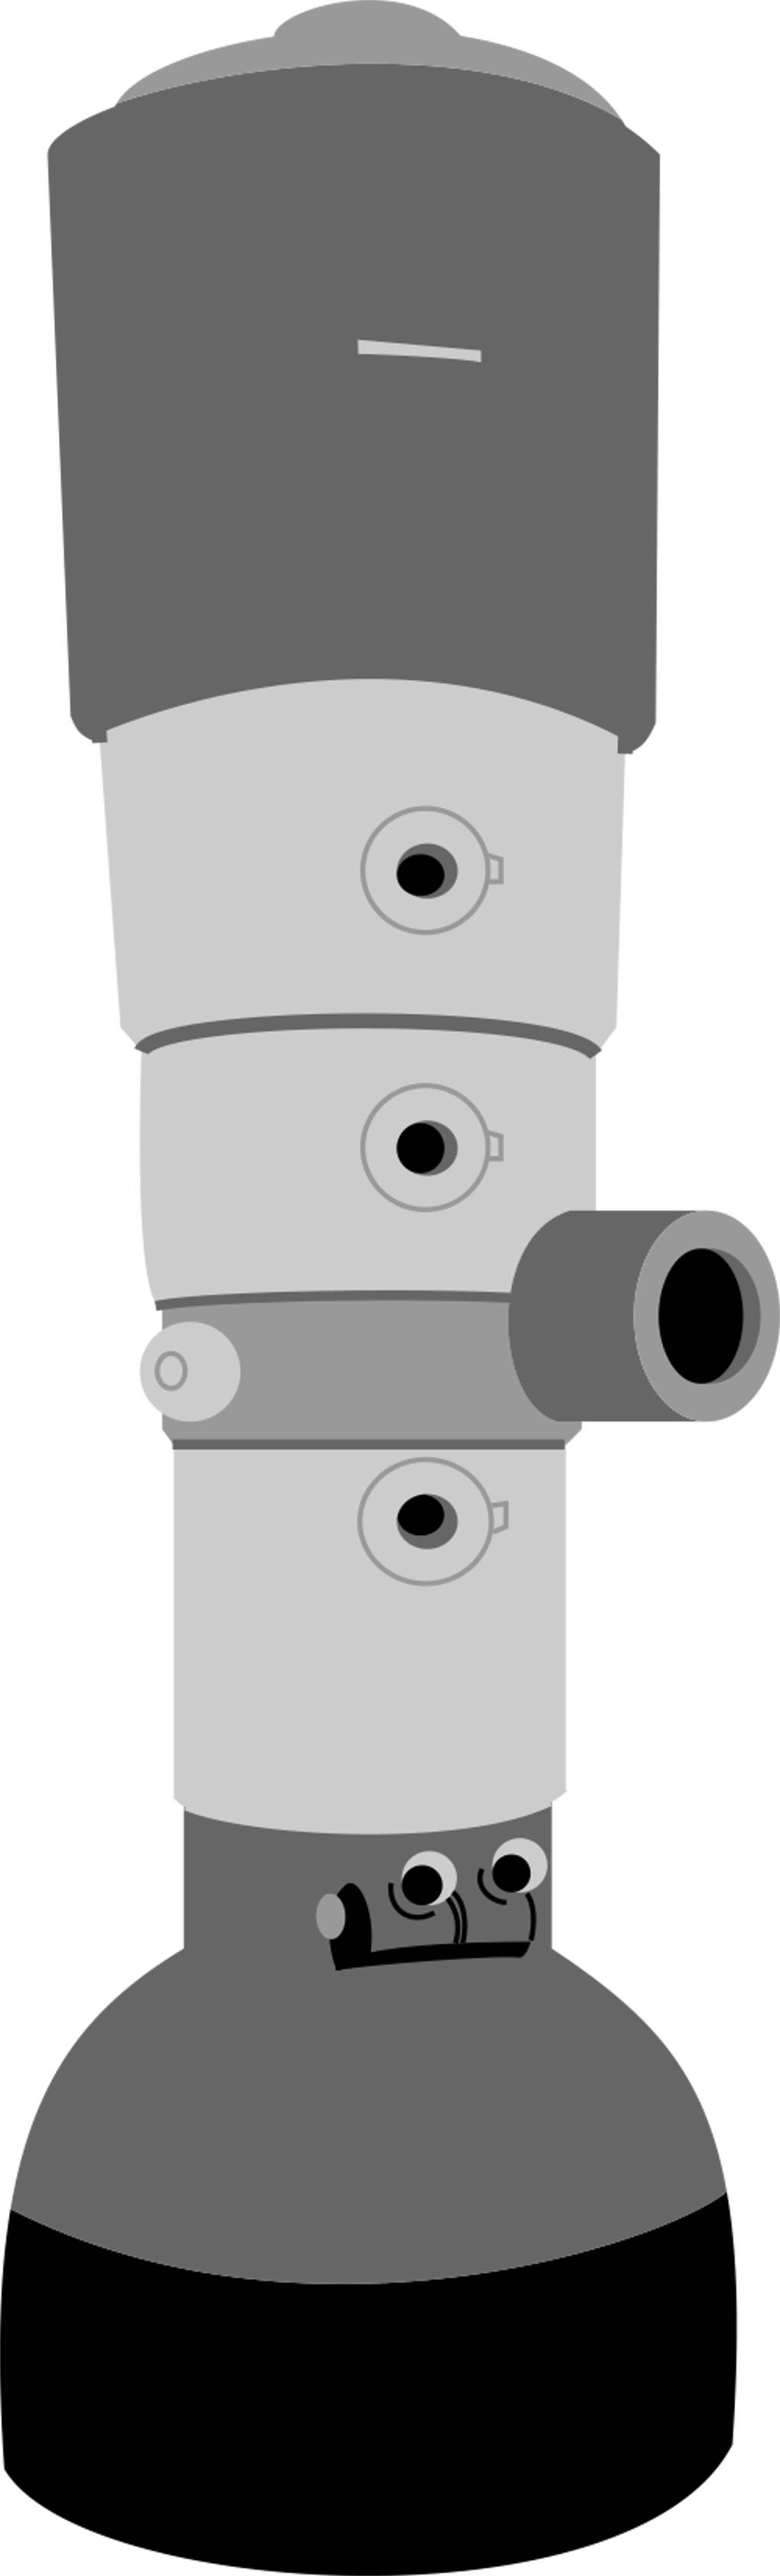 Elektronenmikroskop